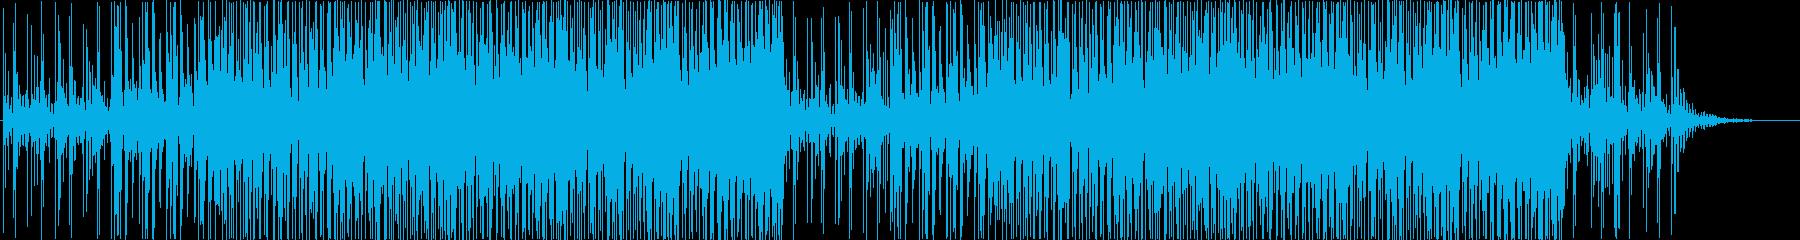 探偵の尾行シーンや、怪しげな事務所シーンの再生済みの波形